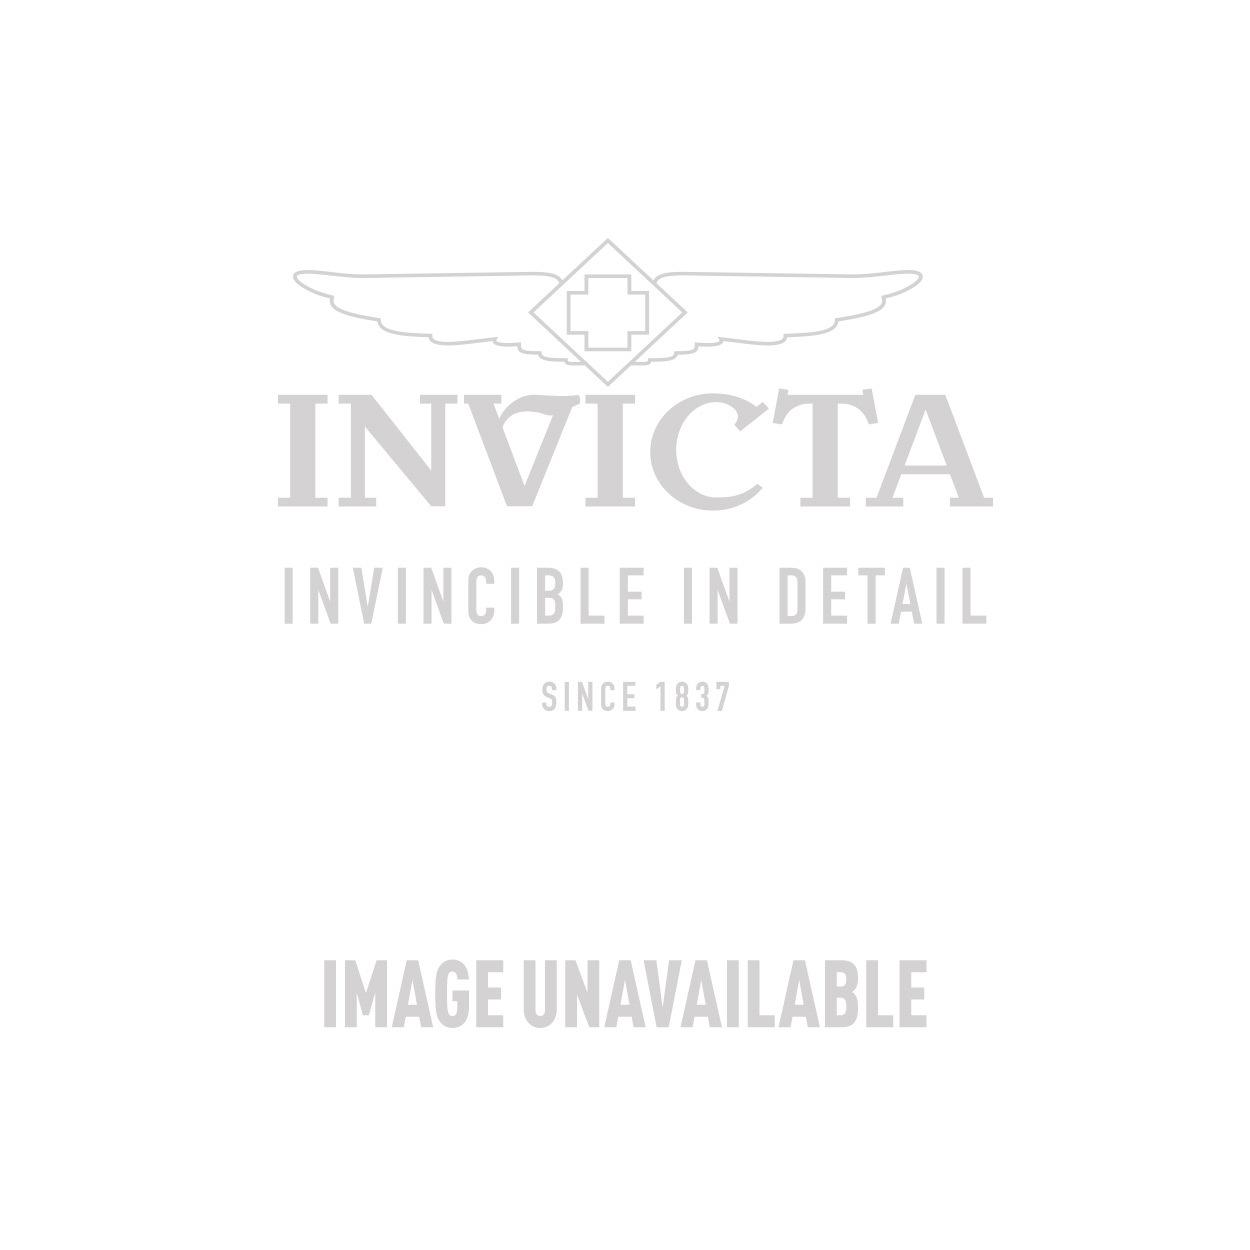 Invicta Bracelet J0318